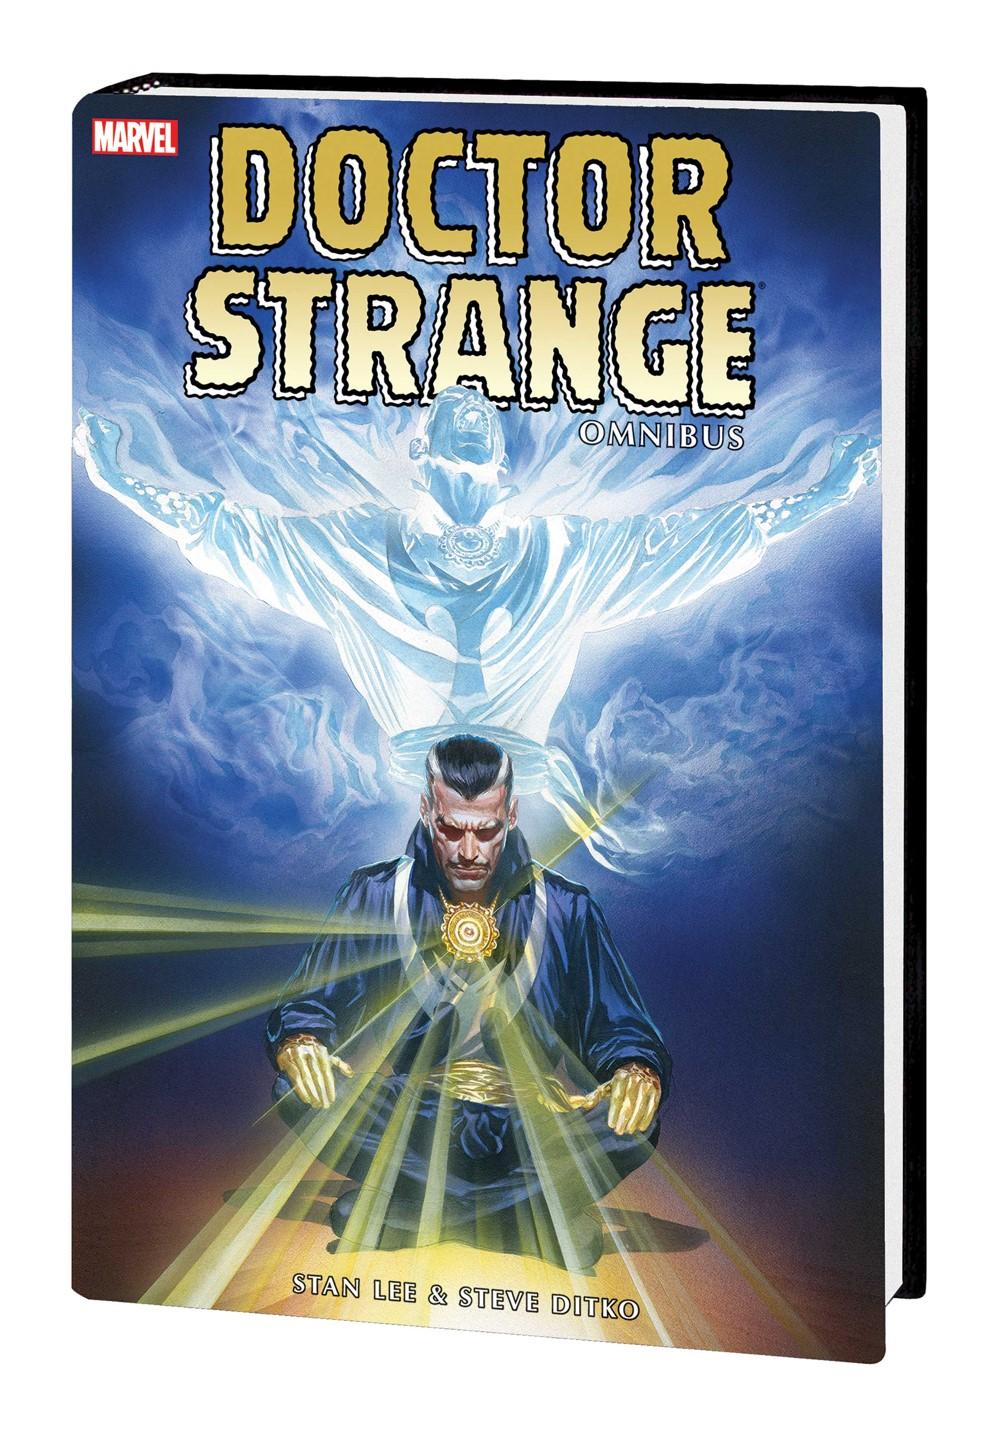 DRSTRANGE_OMNI_V1_HC_ROSS Marvel Comics September 2021 Solicitations